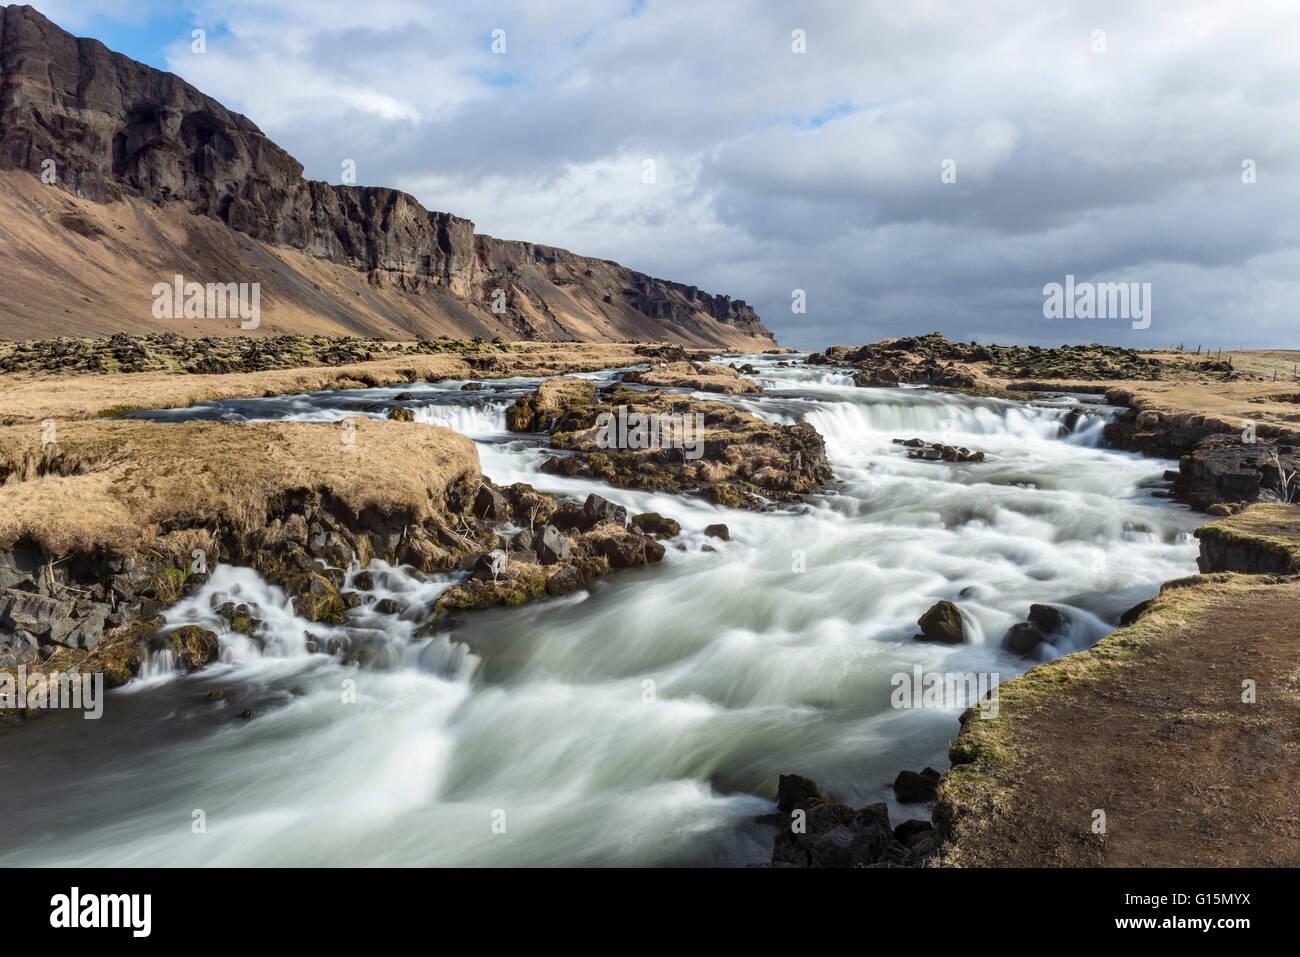 Vue grand angle de la rivière à un Foss Sidu, Sud de l'Islande, Islande, régions polaires Photo Stock